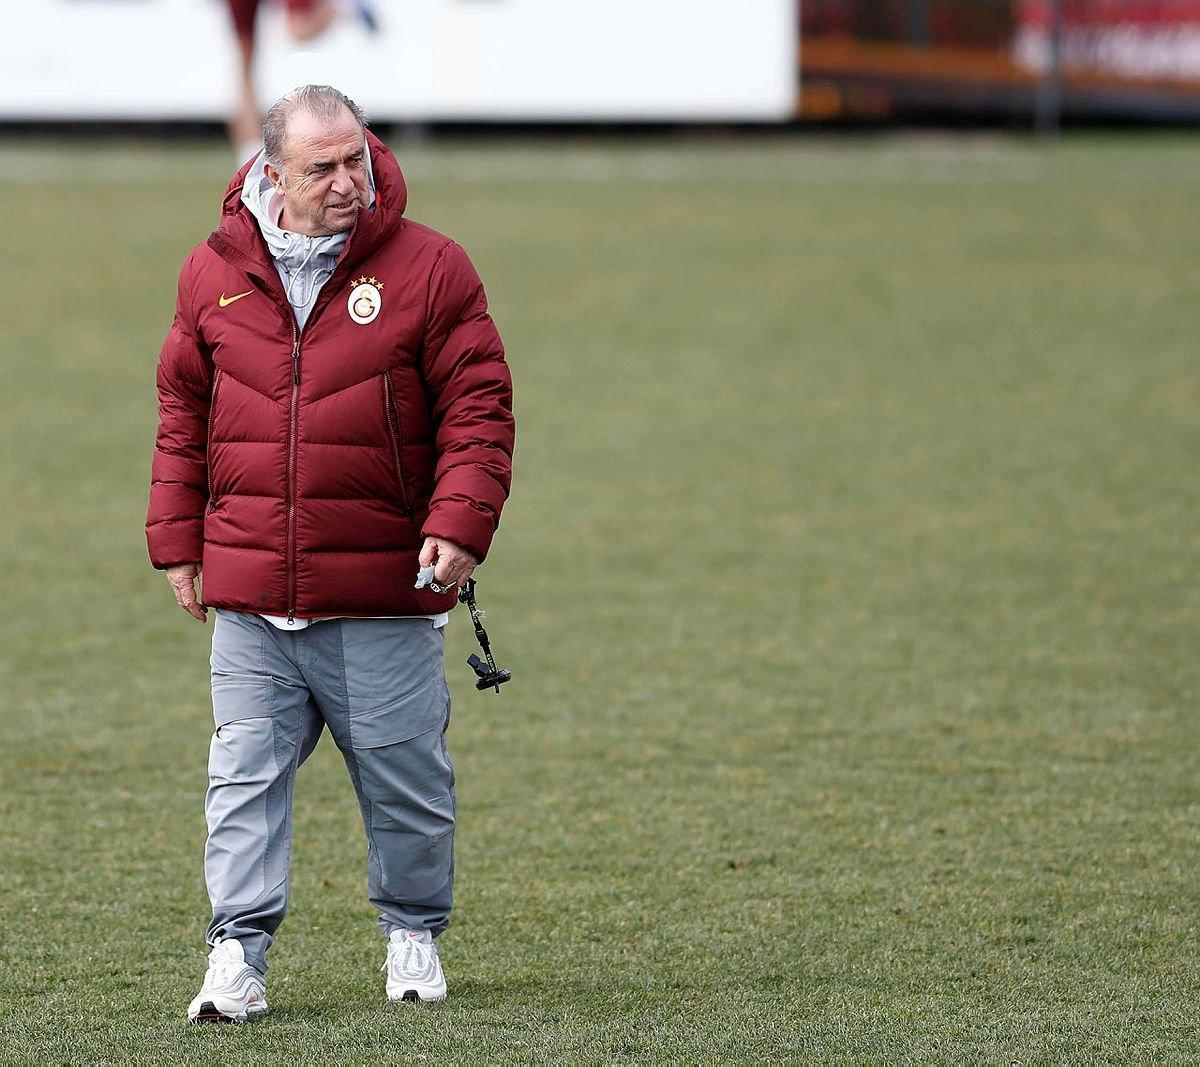 Galatasaray'ın Caner Erkin'e yaptığı teklif ortaya çıktı! - Resim: 2